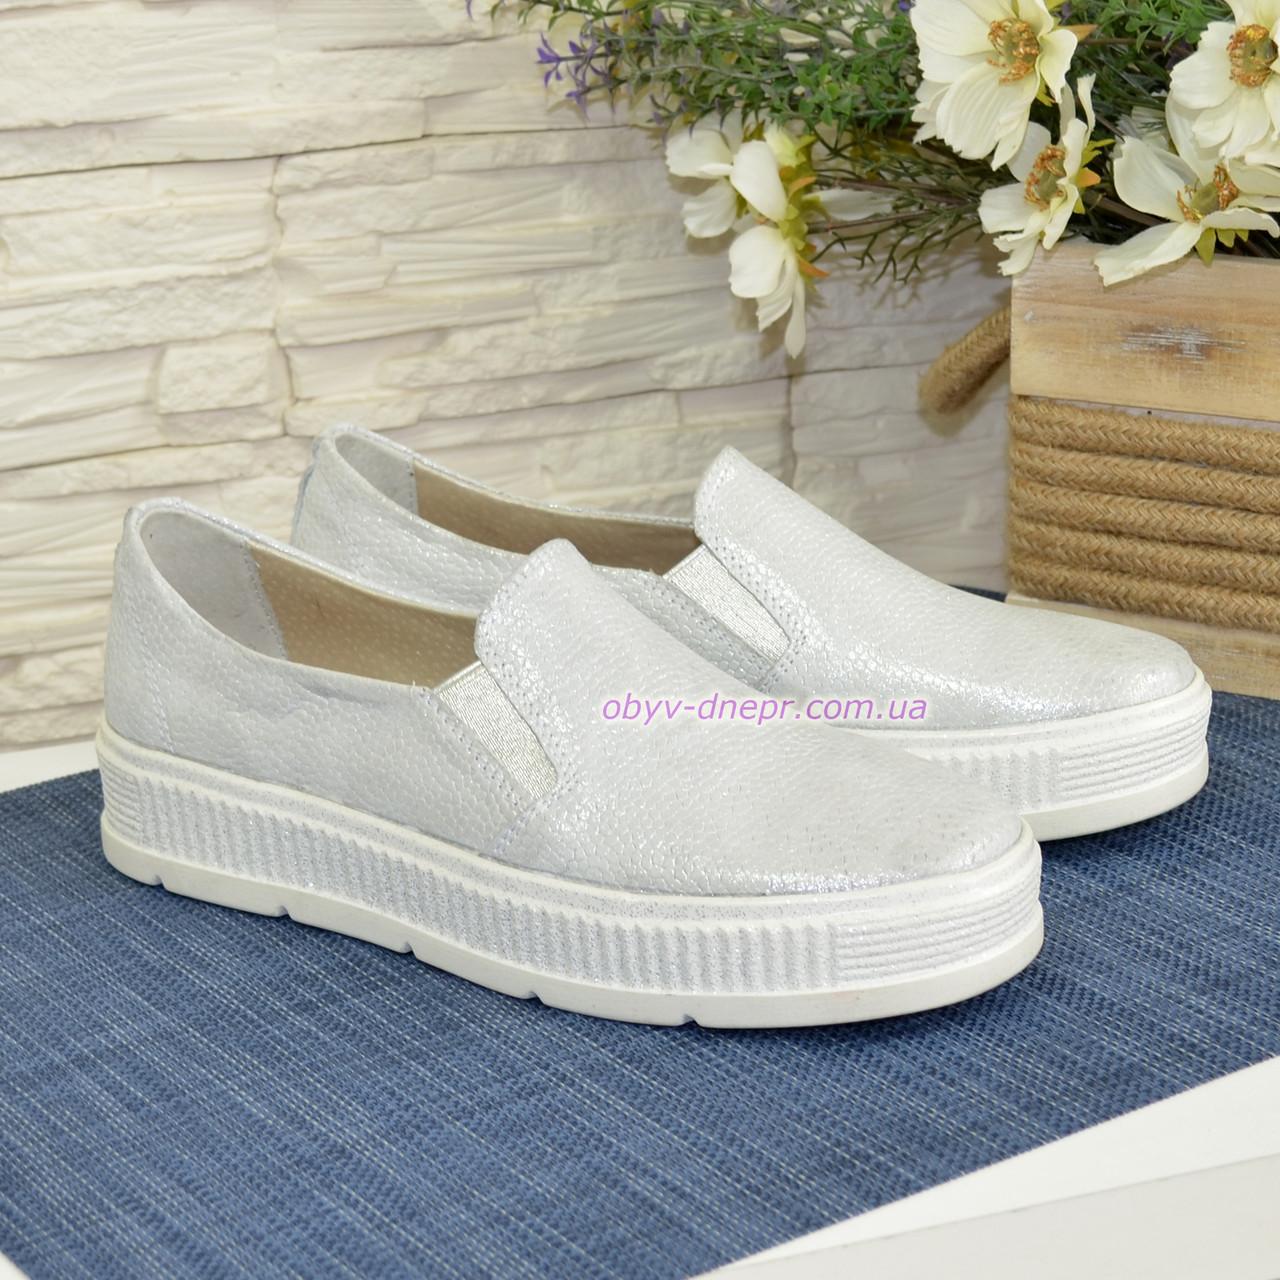 Туфли-мокасины замшевые женские на утолщенной подошве, цвет белый